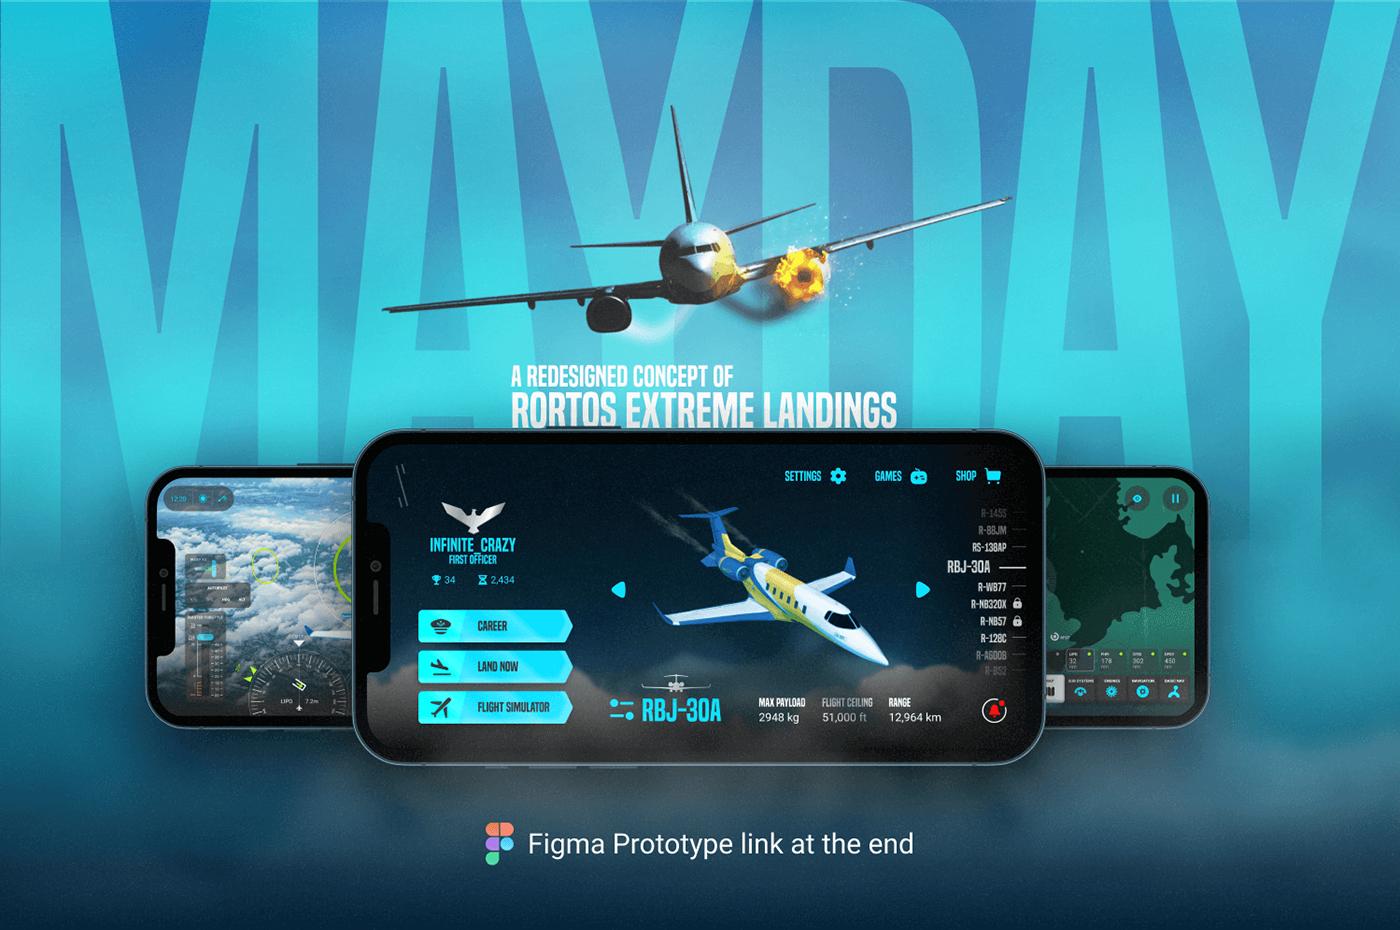 Image may contain: aircraft, screenshot and airplane